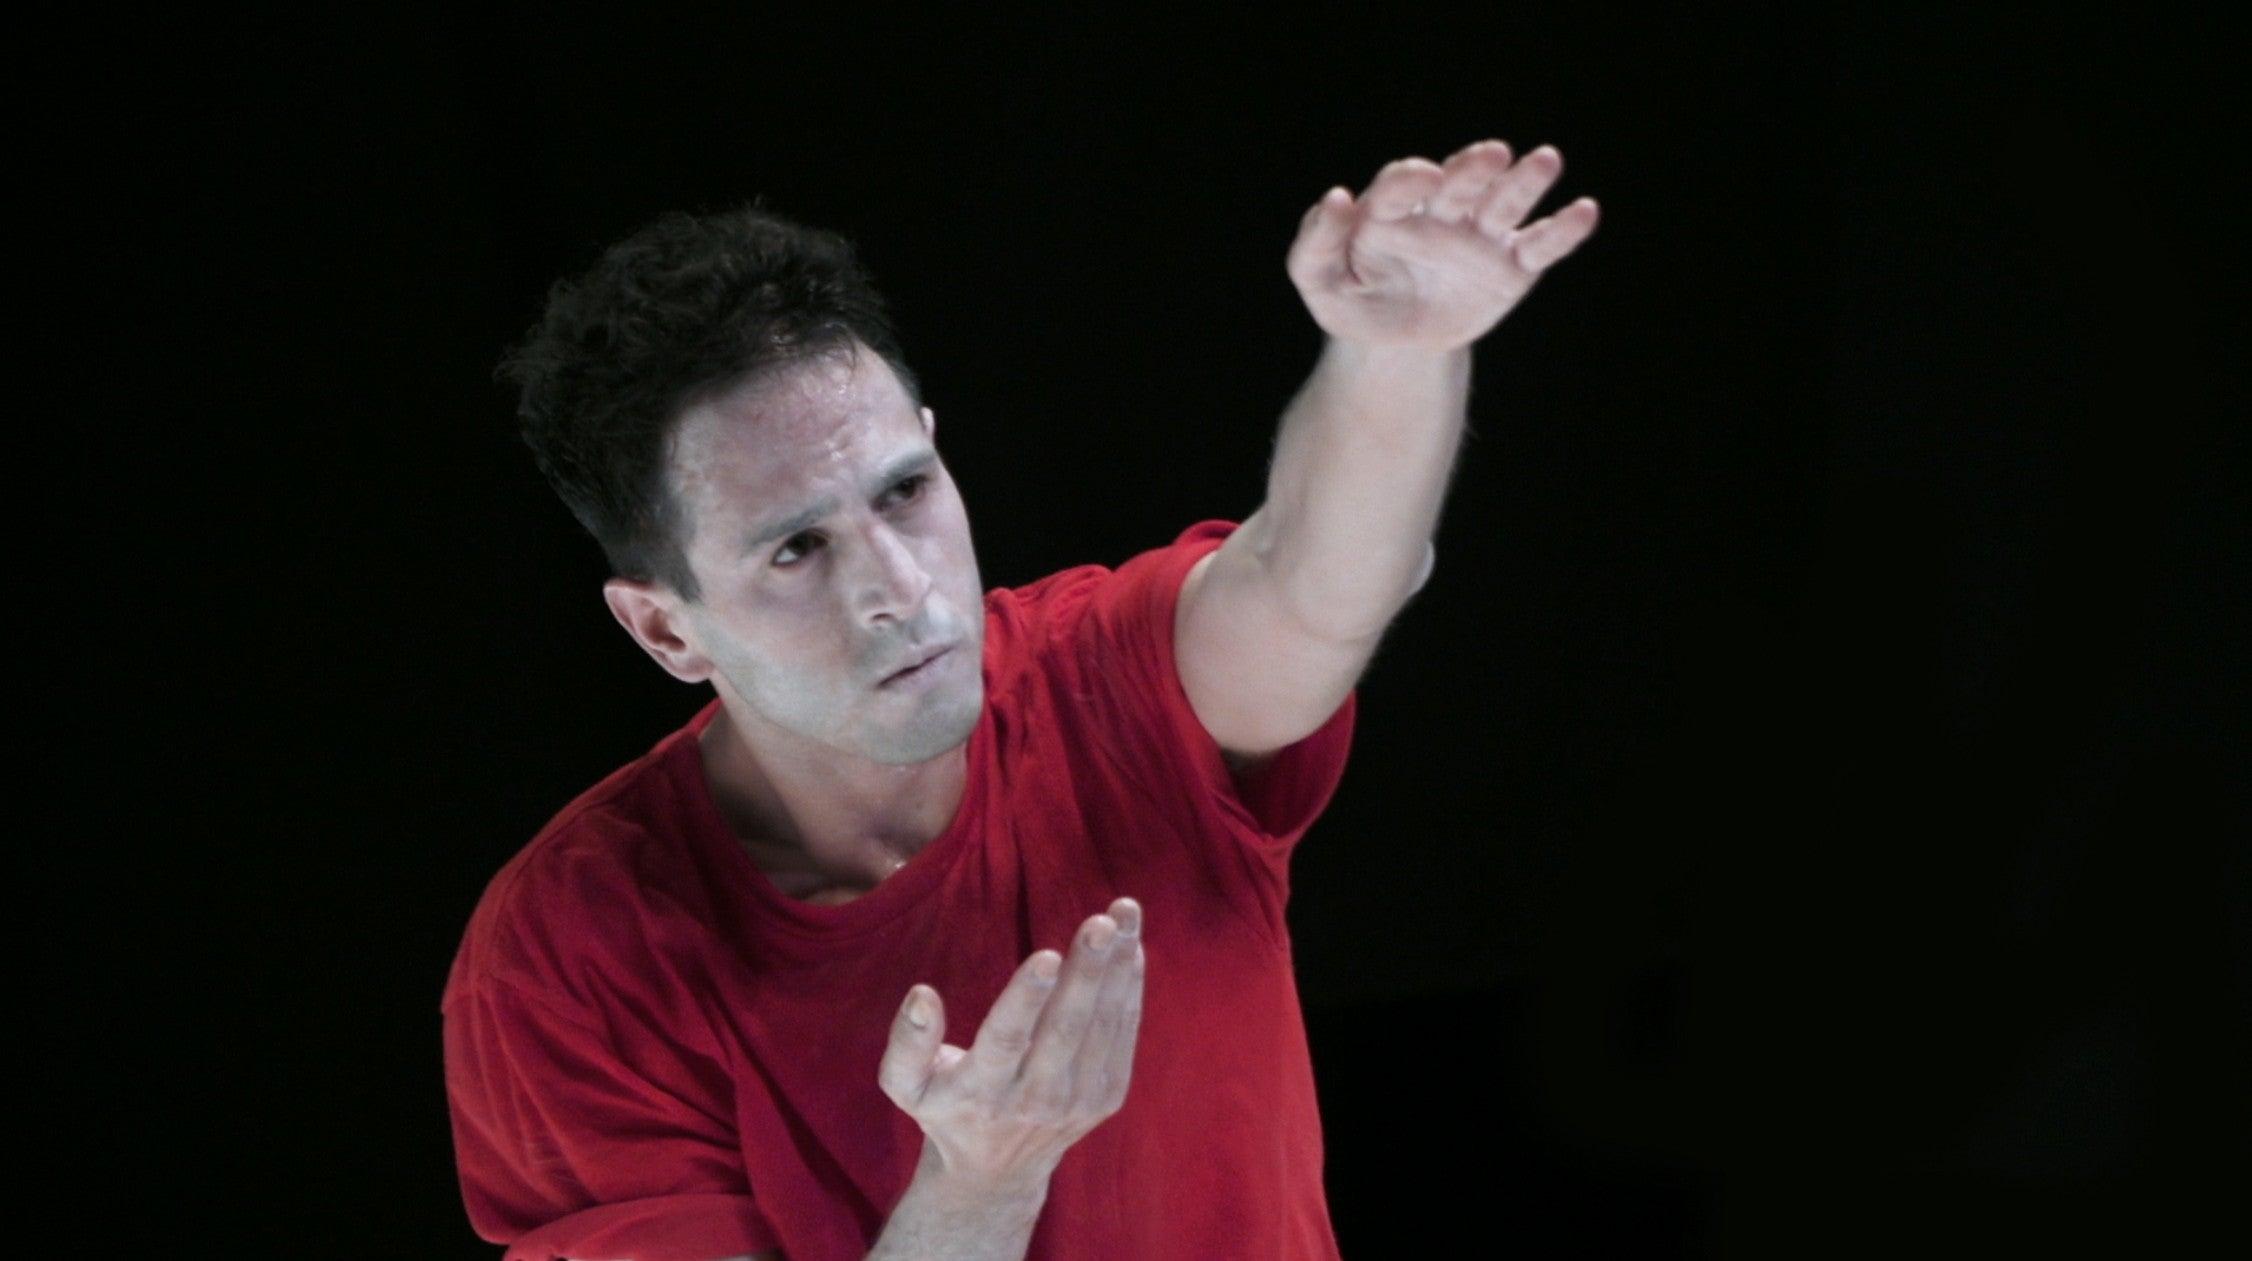 João dos Santos Martins